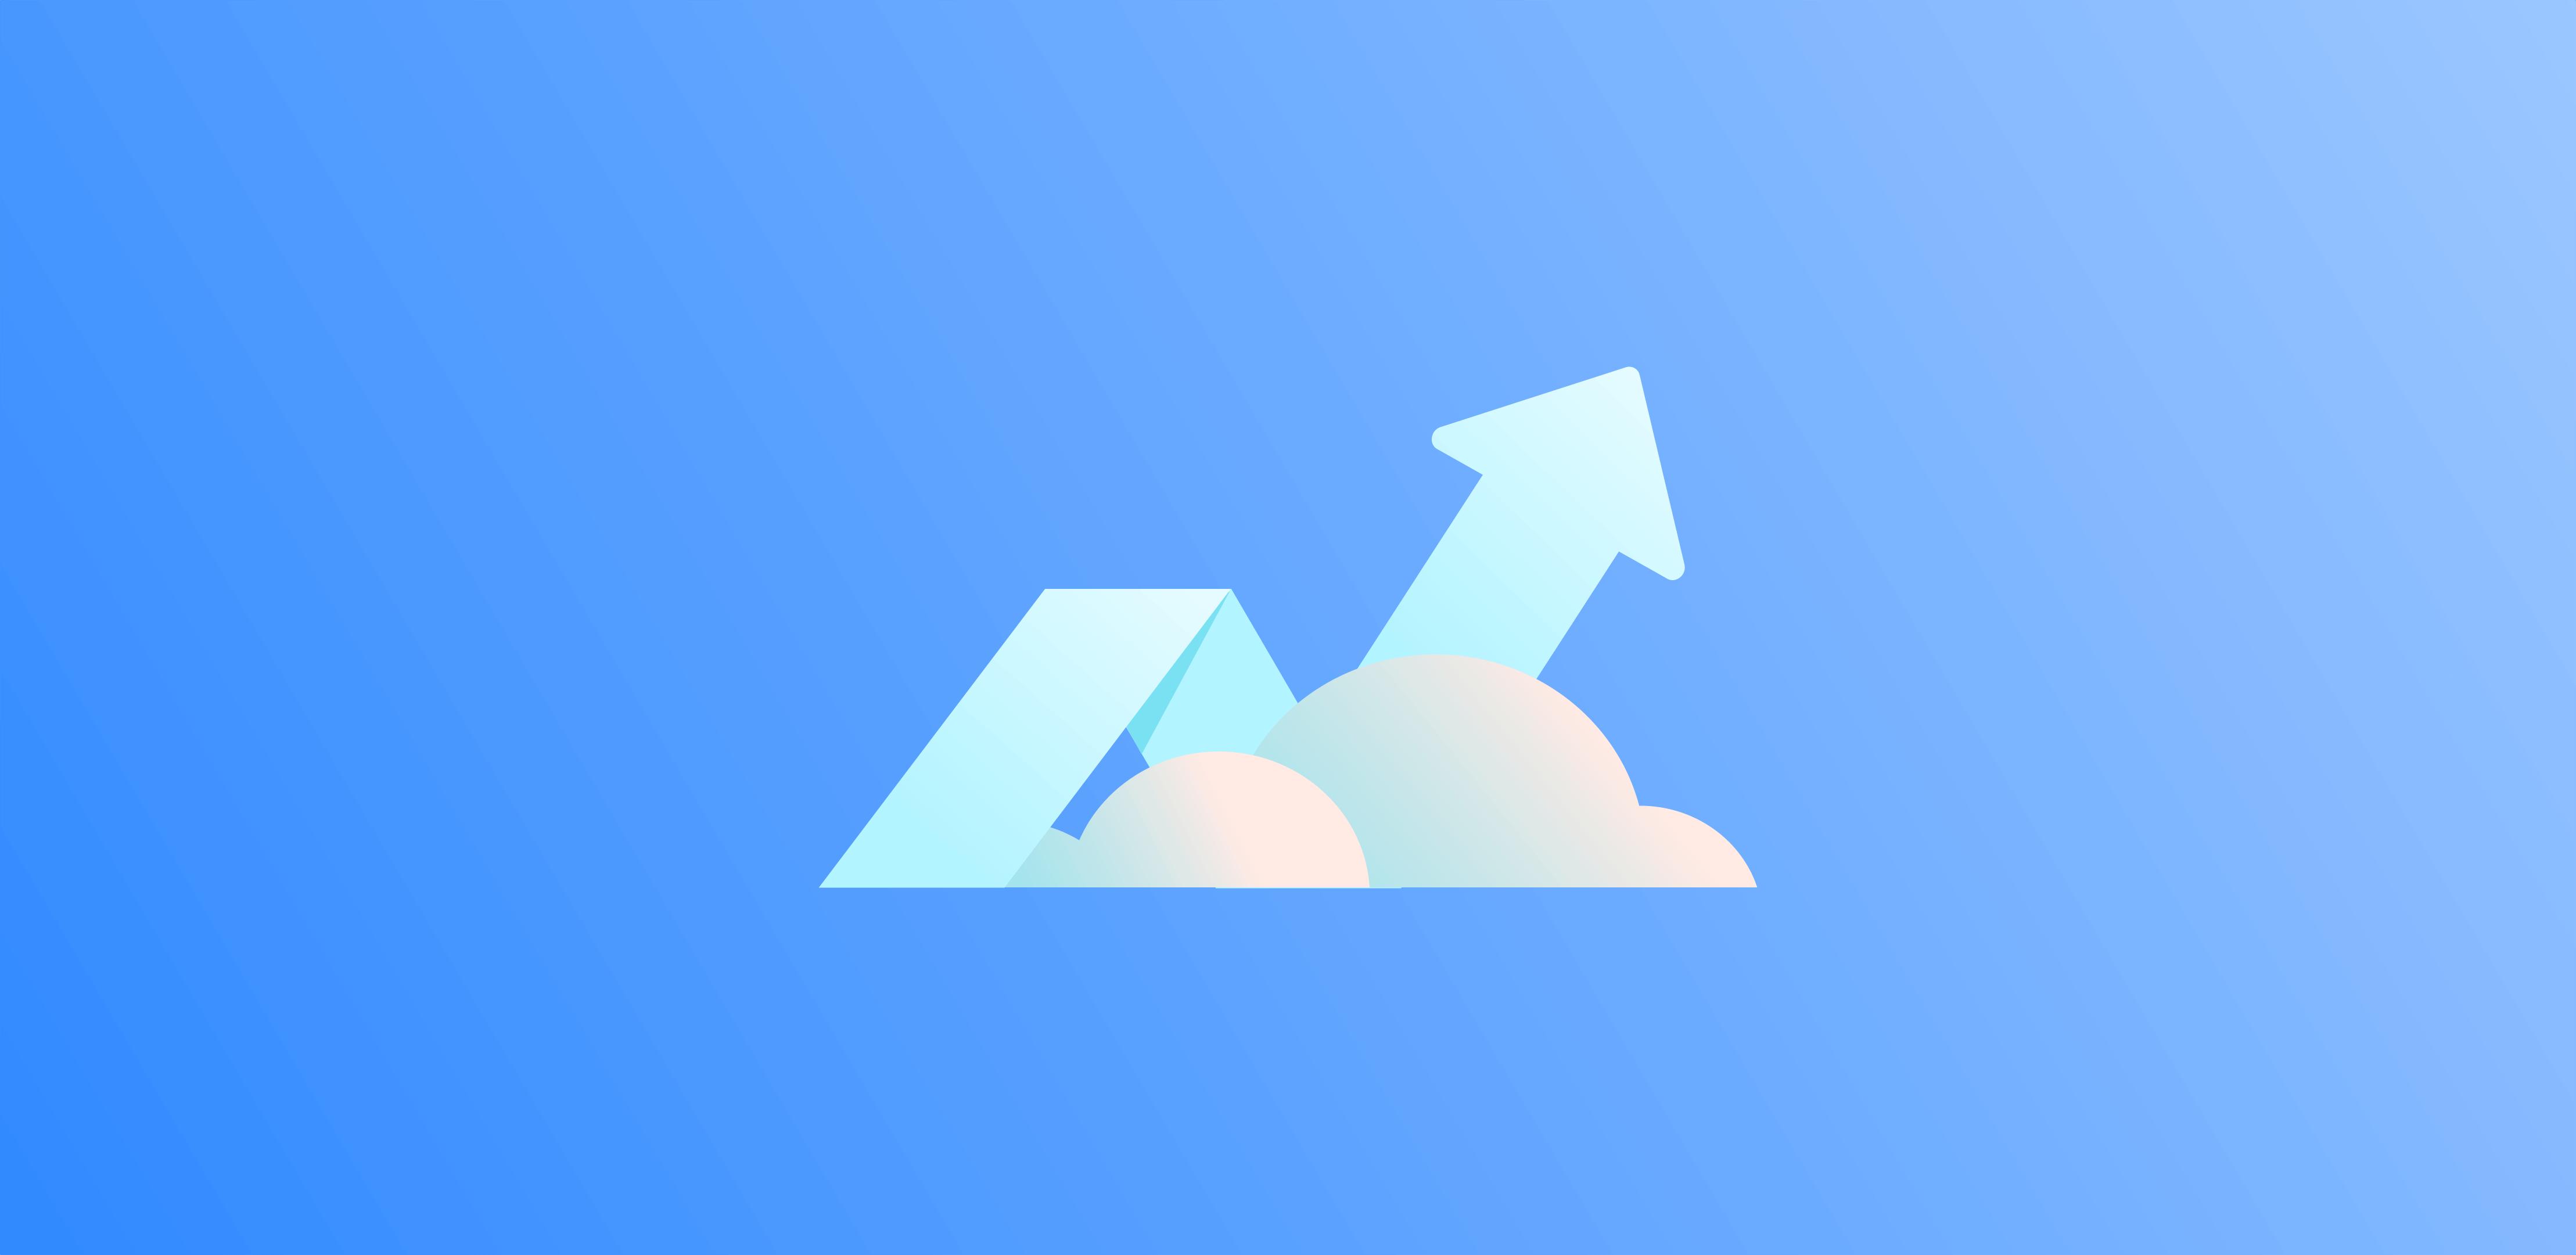 구름 속의 화살표